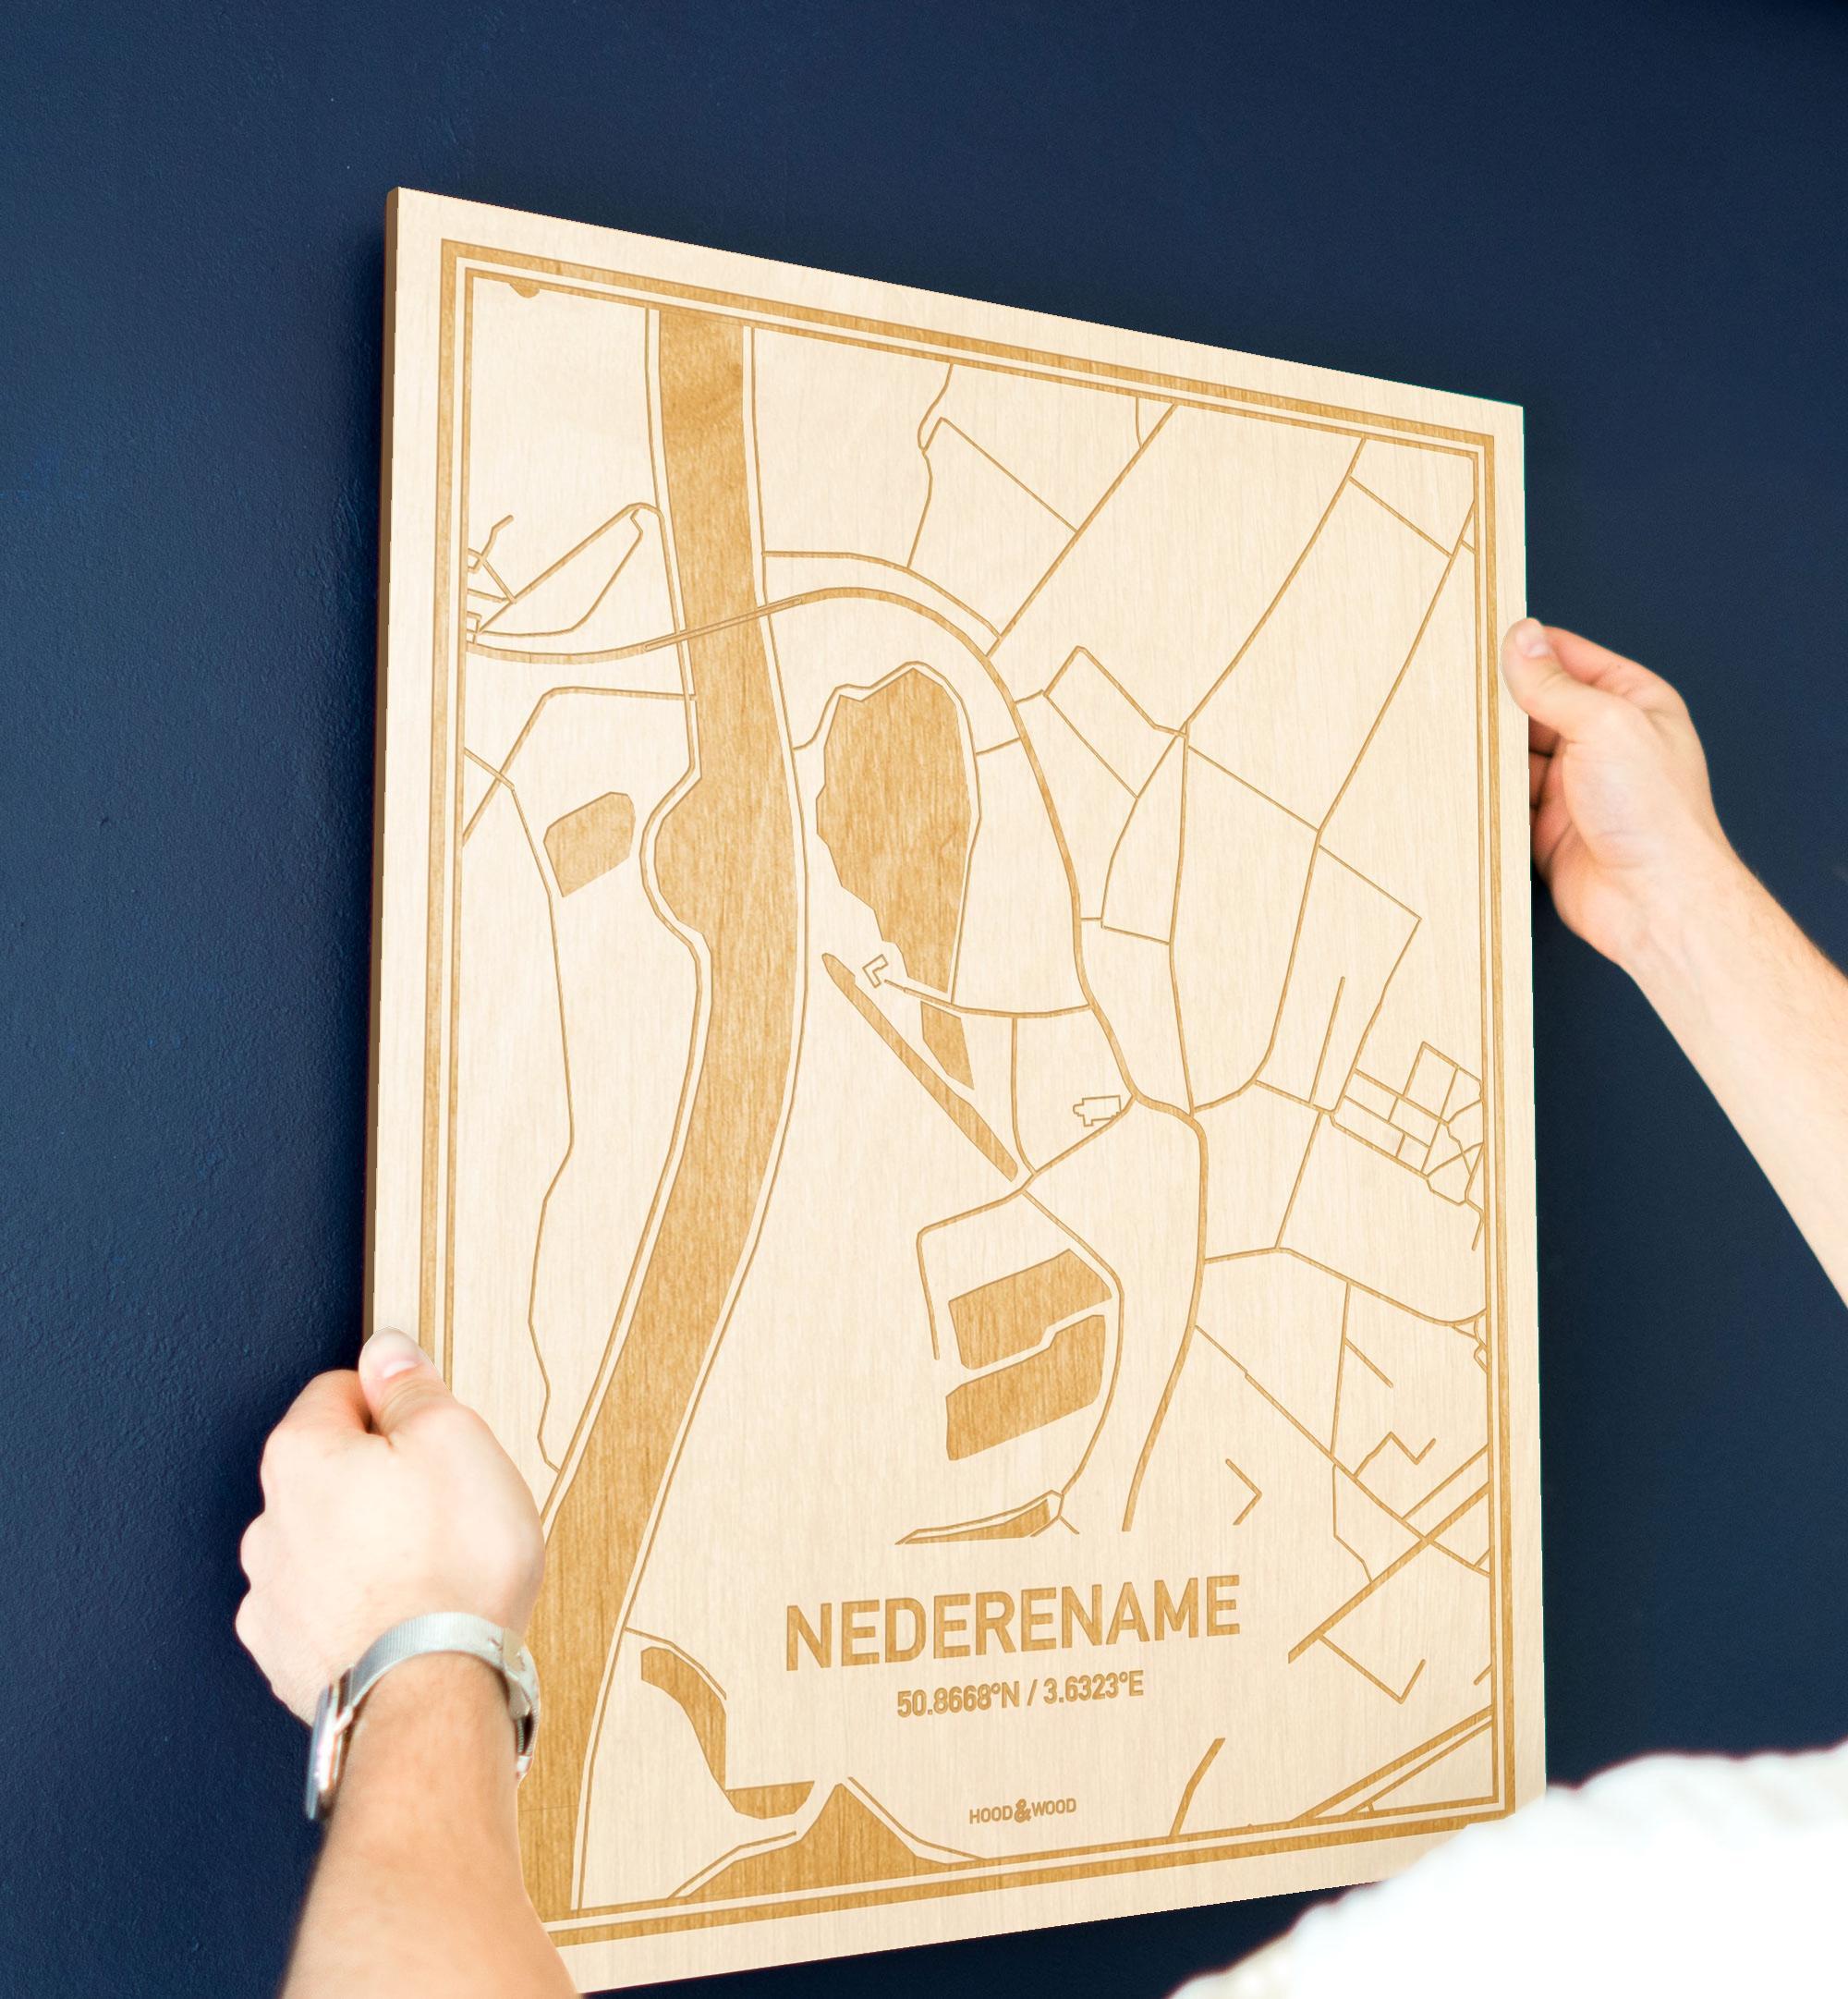 Een man hangt de houten plattegrond Nederename aan zijn blauwe muur ter decoratie. Je ziet alleen zijn handen de kaart van deze moderne in Oost-Vlaanderen  vasthouden.